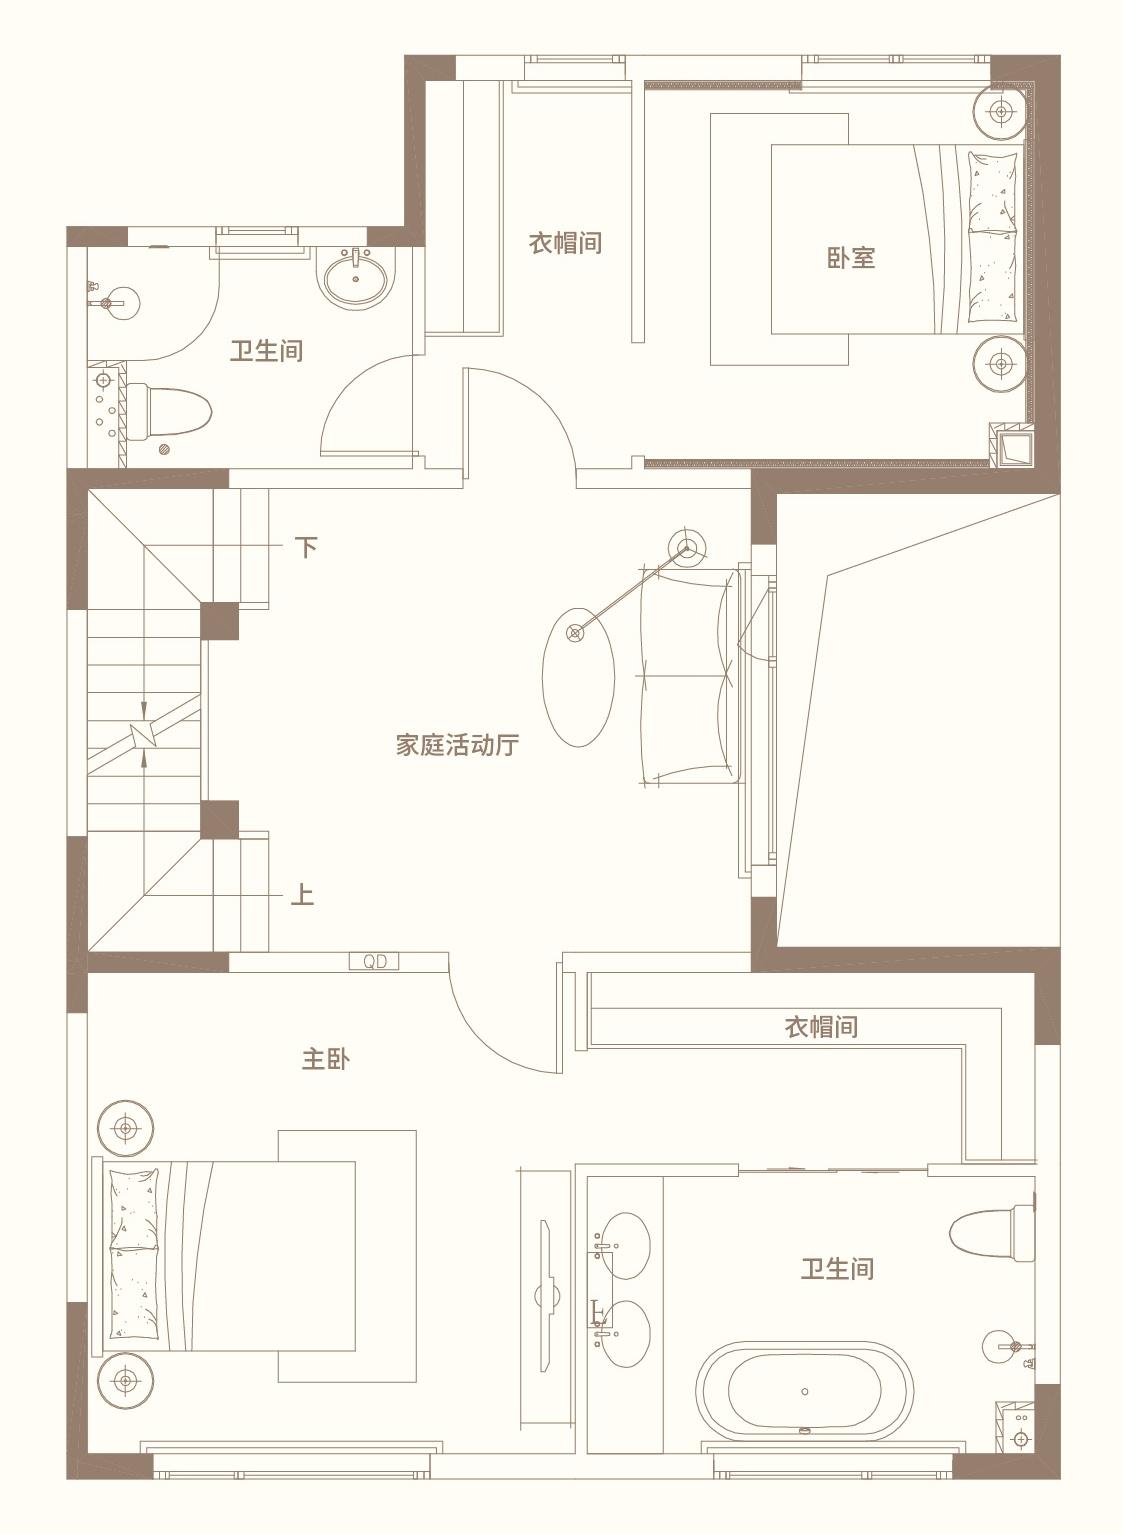 别墅五室四卫三厅220平米 二层